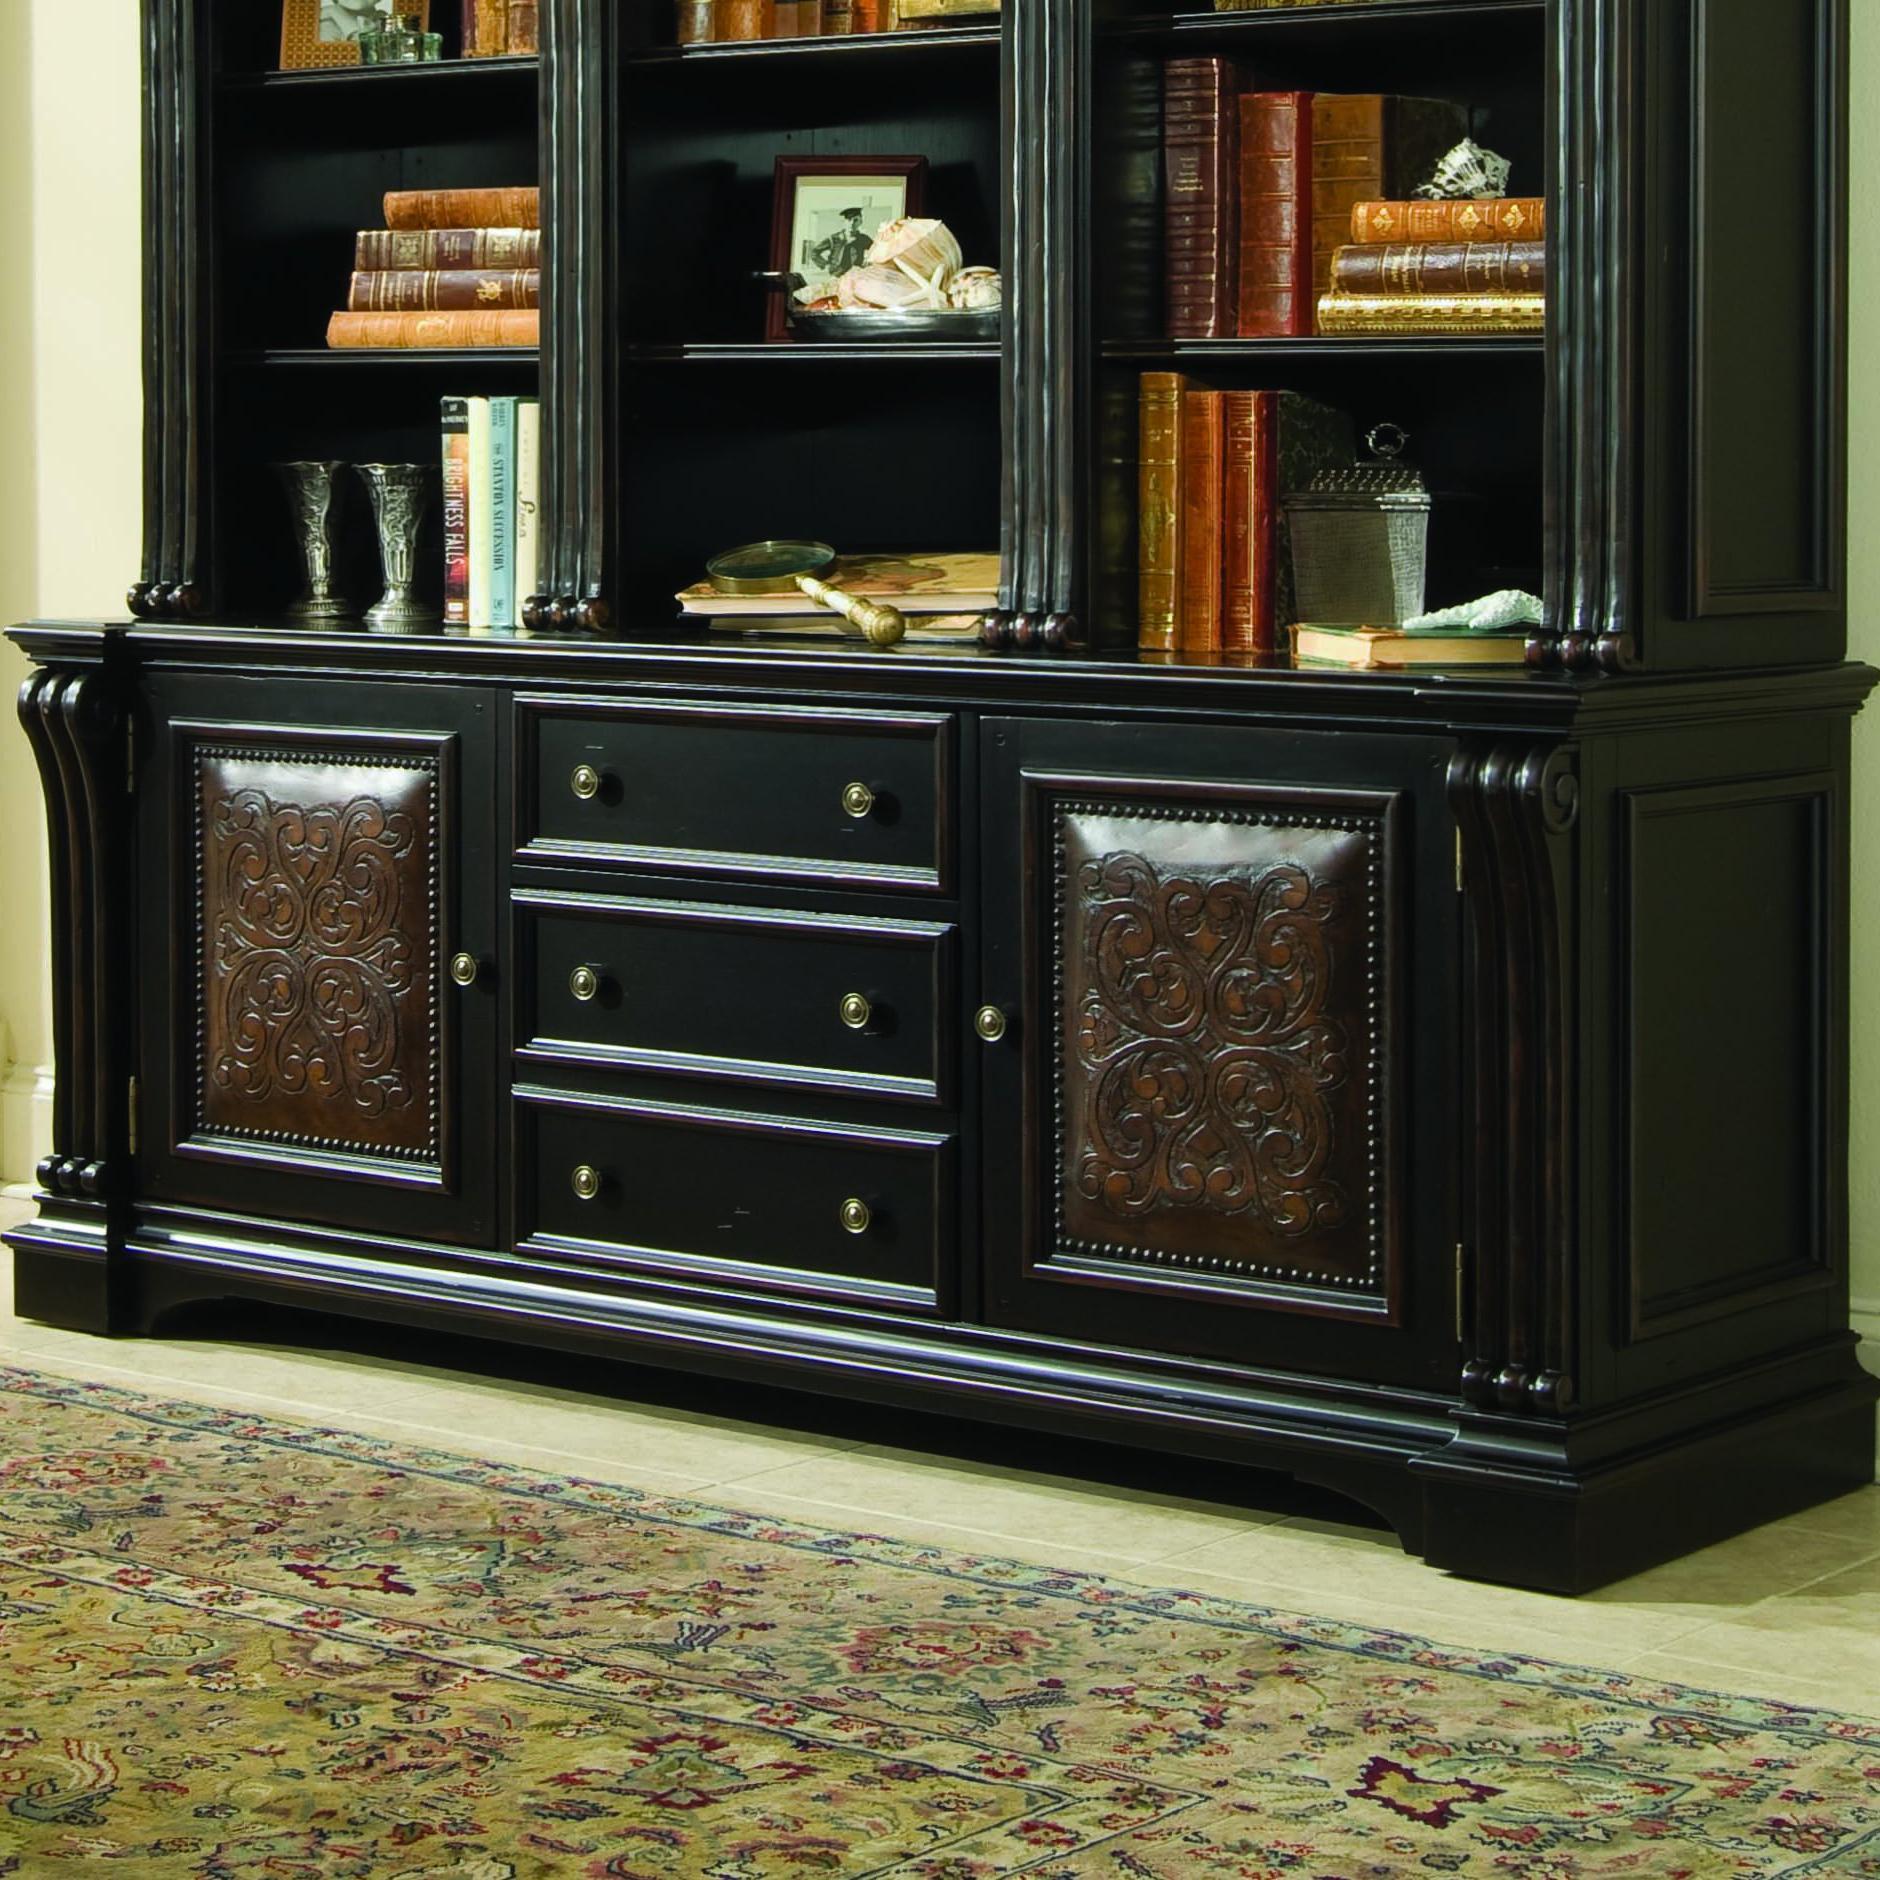 Hooker Furniture Telluride Bookcase Base   Item Number: 370 10 265